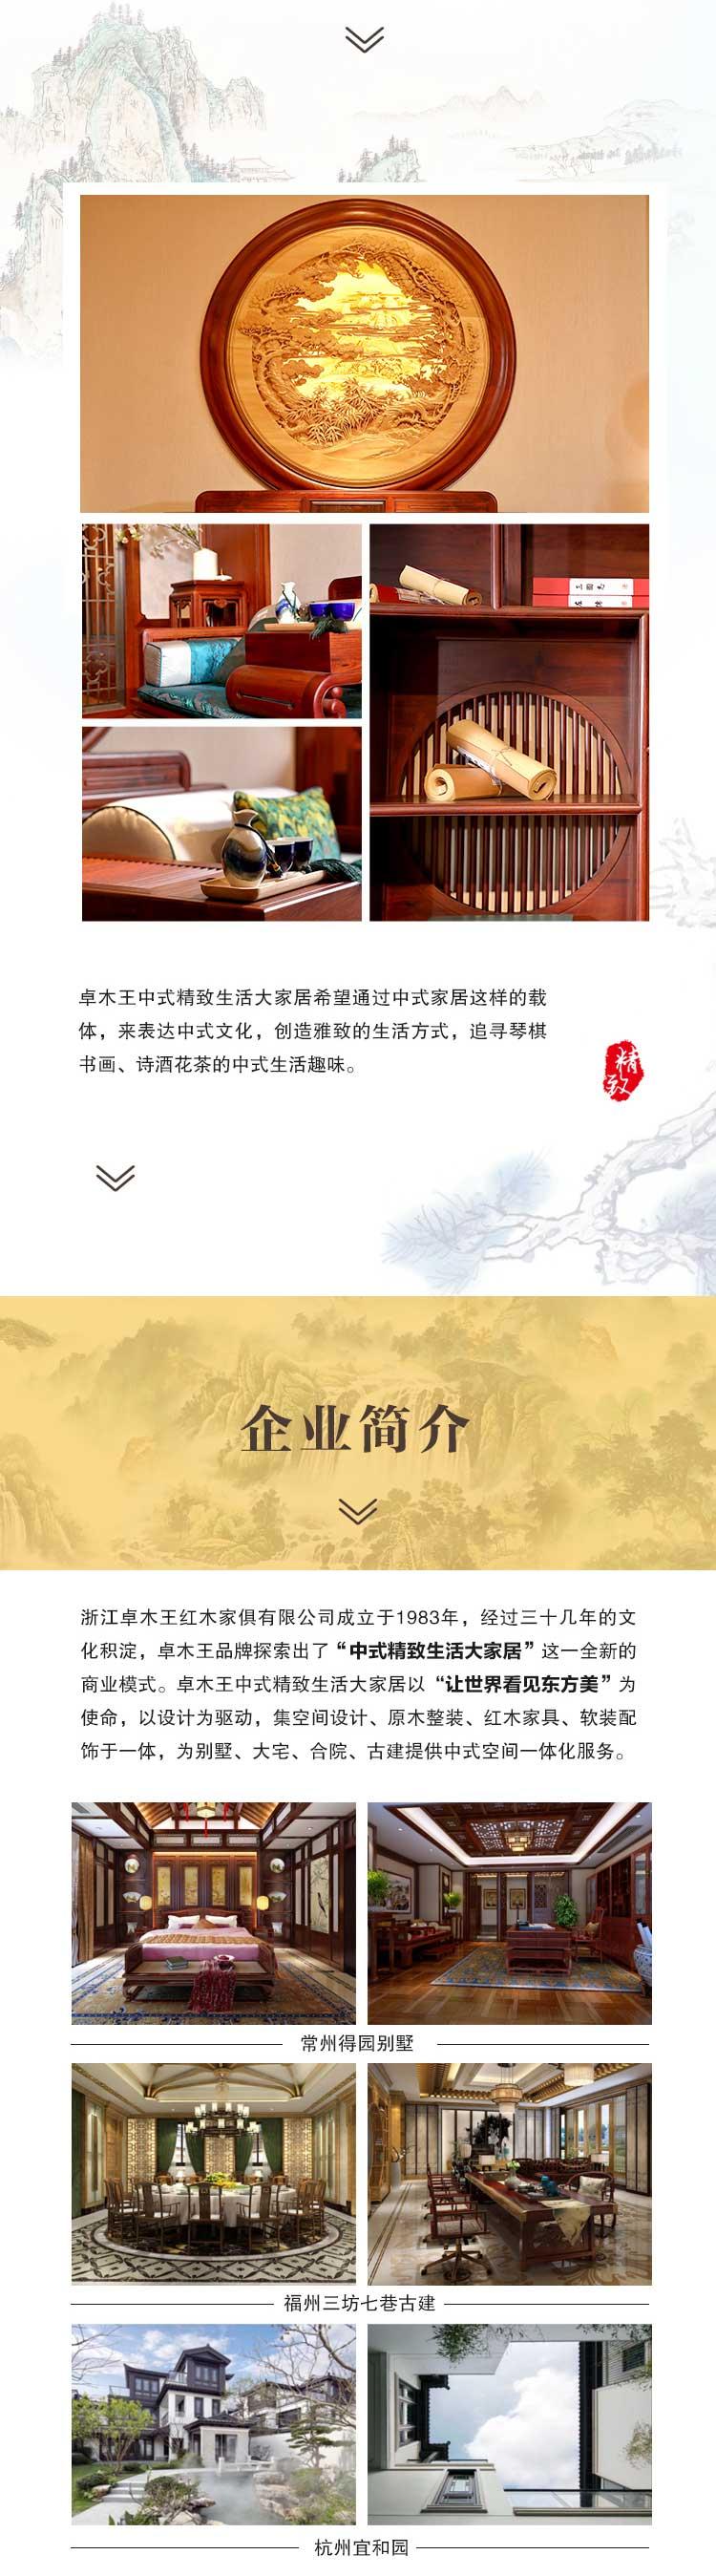 卓木王腾讯产品介绍东境书房-2.jpg